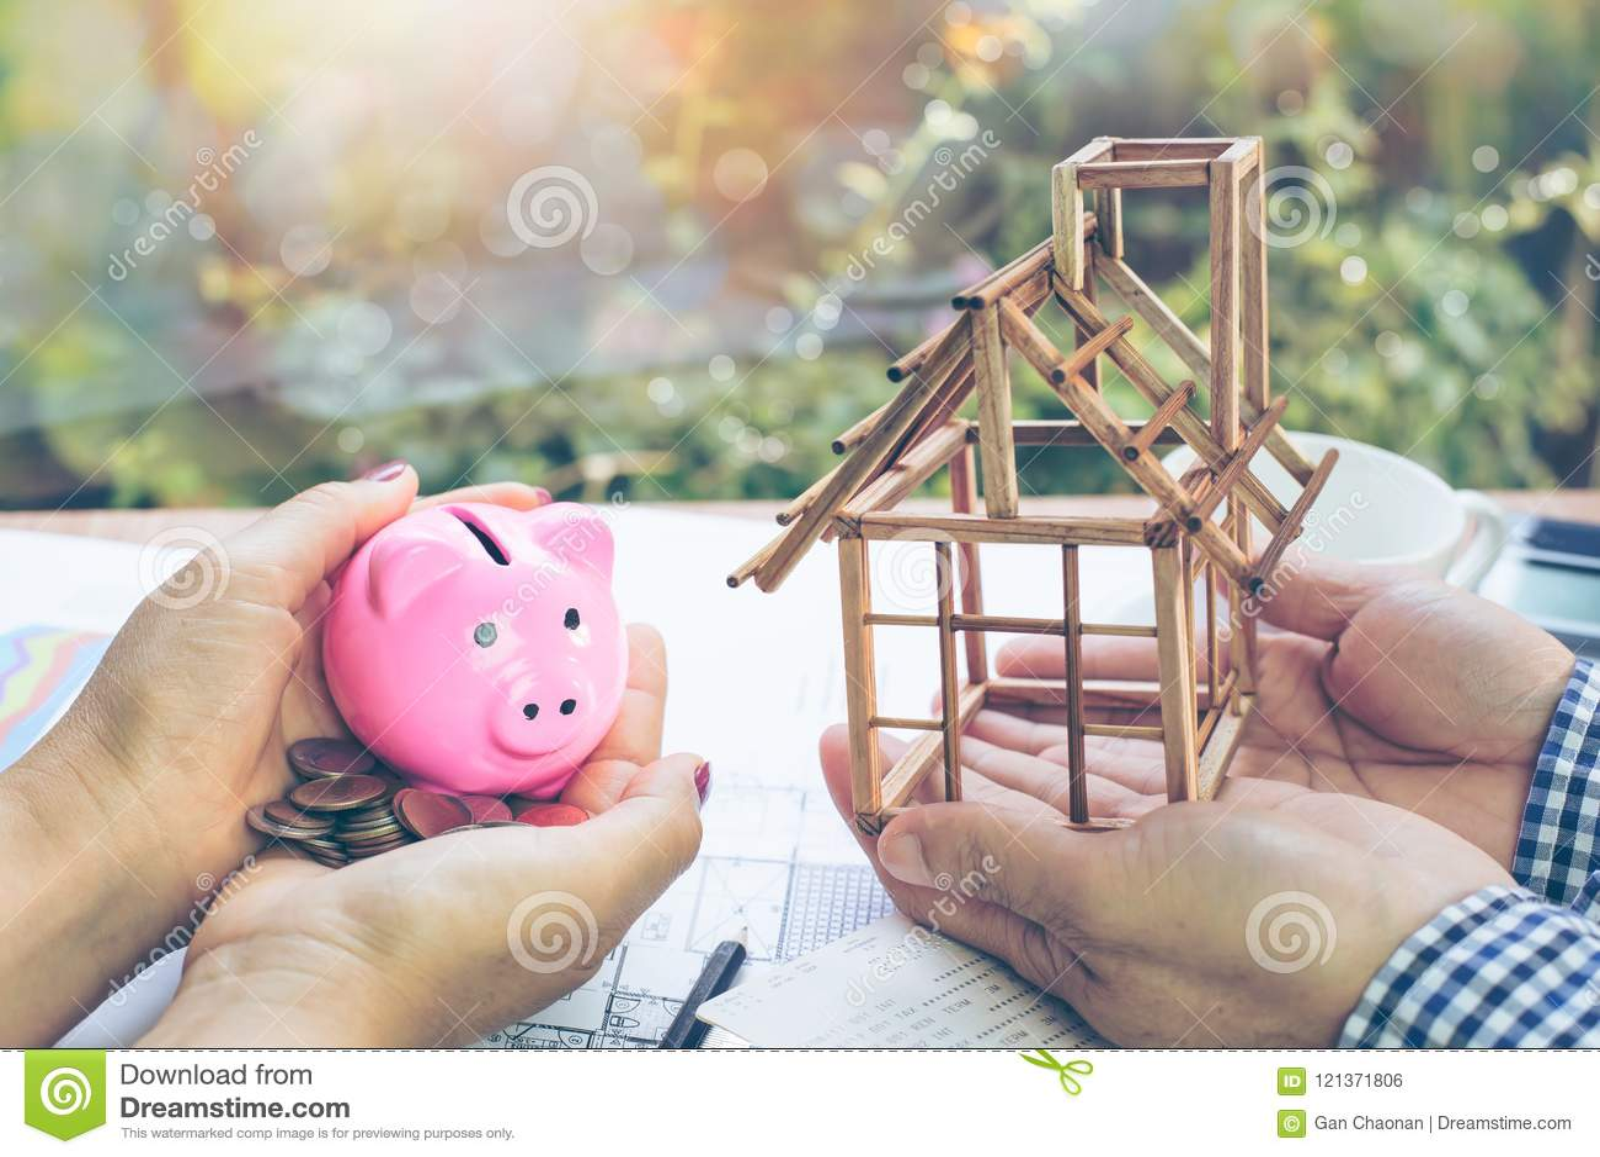 Рука женщины держа копилку и монетку в ее руке и руках людей которые держат модельный дом под const